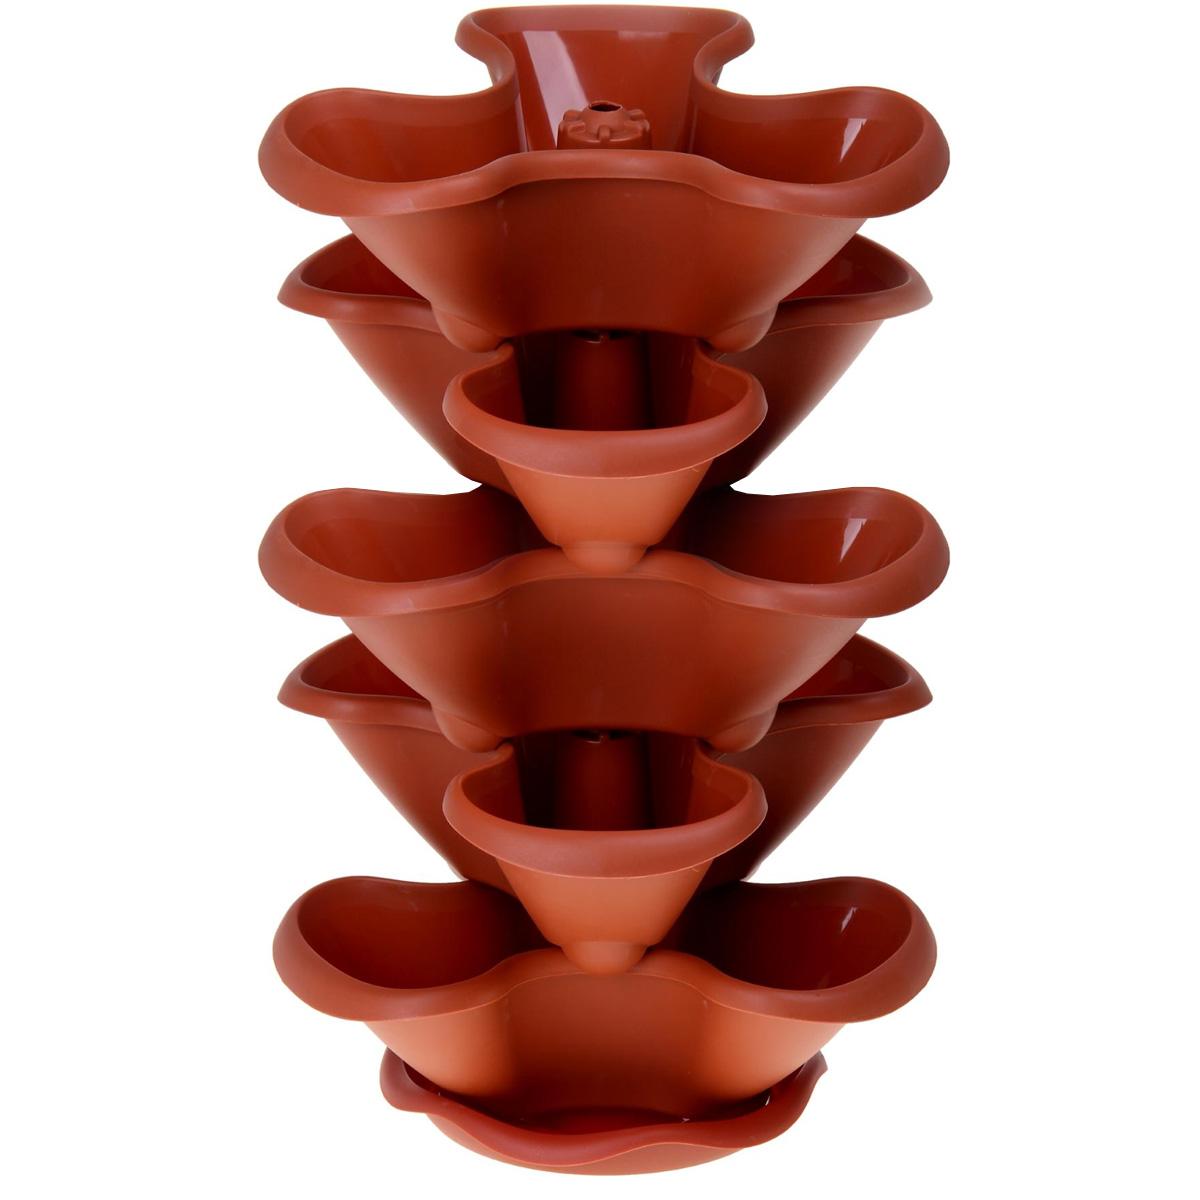 Этажерка цветочная Idea Гамма, цвет: терракотовый, 5 кашпоМ 3145Цветочная этажерка Idea Гамма изготовлена из высококачественного полипропилена и представляет собой 5 фигурных кашпо, которые устанавливаются друг на друга. Цветочная этажерка Idea Гамма изготовлена из высококачественного полипропилена и представляет собой 5 фигурных кашпо, которые устанавливаются друг на друга. Вся конструкция располагается на подставке. Такая красивая этажерка предназначена для выращивания растений и цветов в домашних условиях. Стильный яркий дизайн сделает ее отличным дополнением интерьера. Высота этажерки: 62 см. Размер кашпо: 38 см х 38 см.